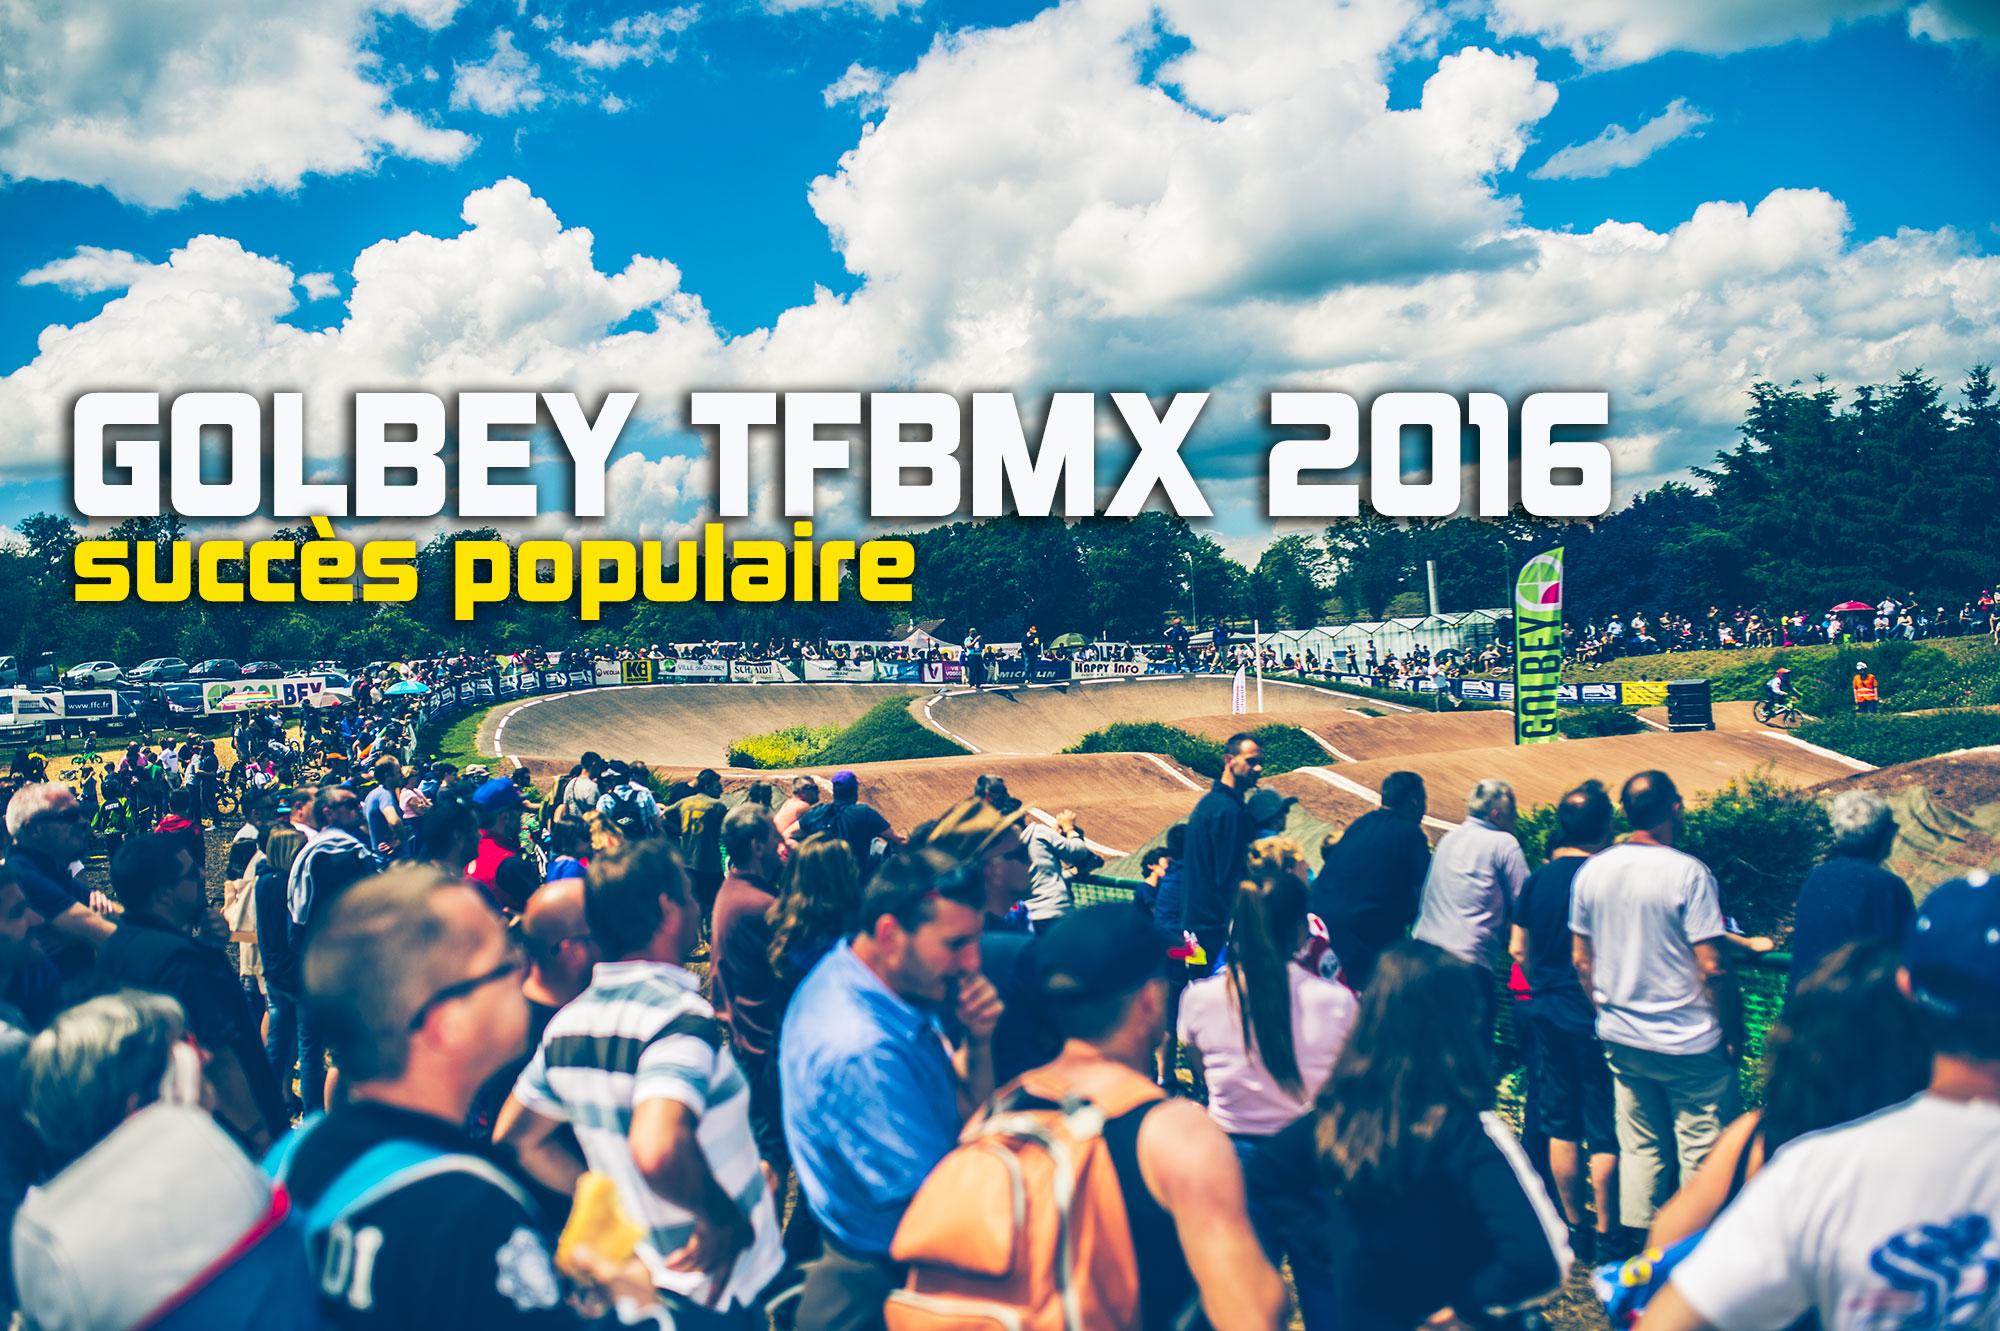 TFBMX 2016 à GOLBEY: Le compte rendu